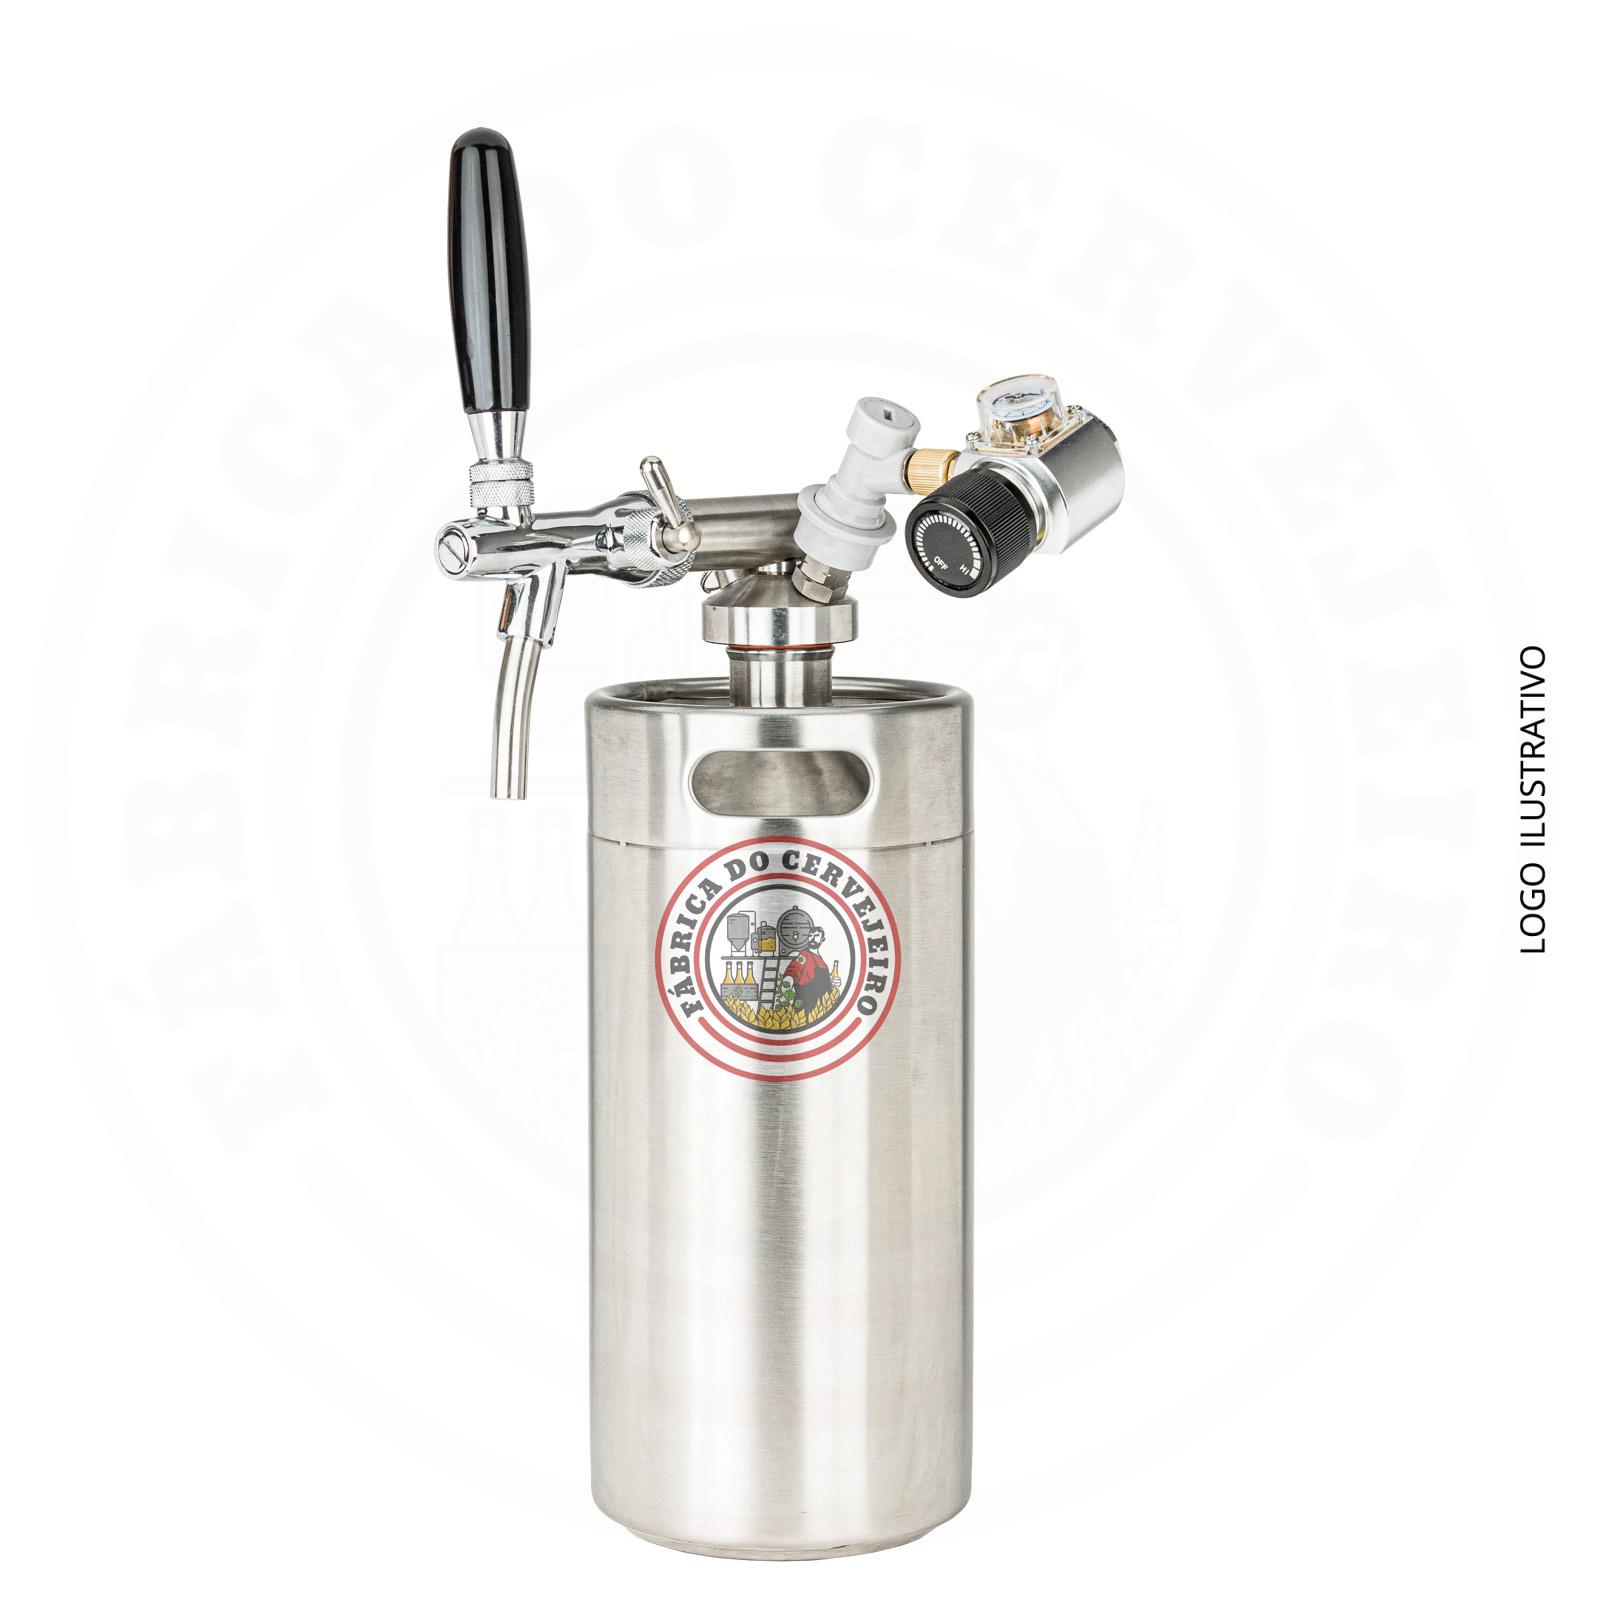 Kit mini keg growler 3,6L com torneira italiana e mini regulador profissional